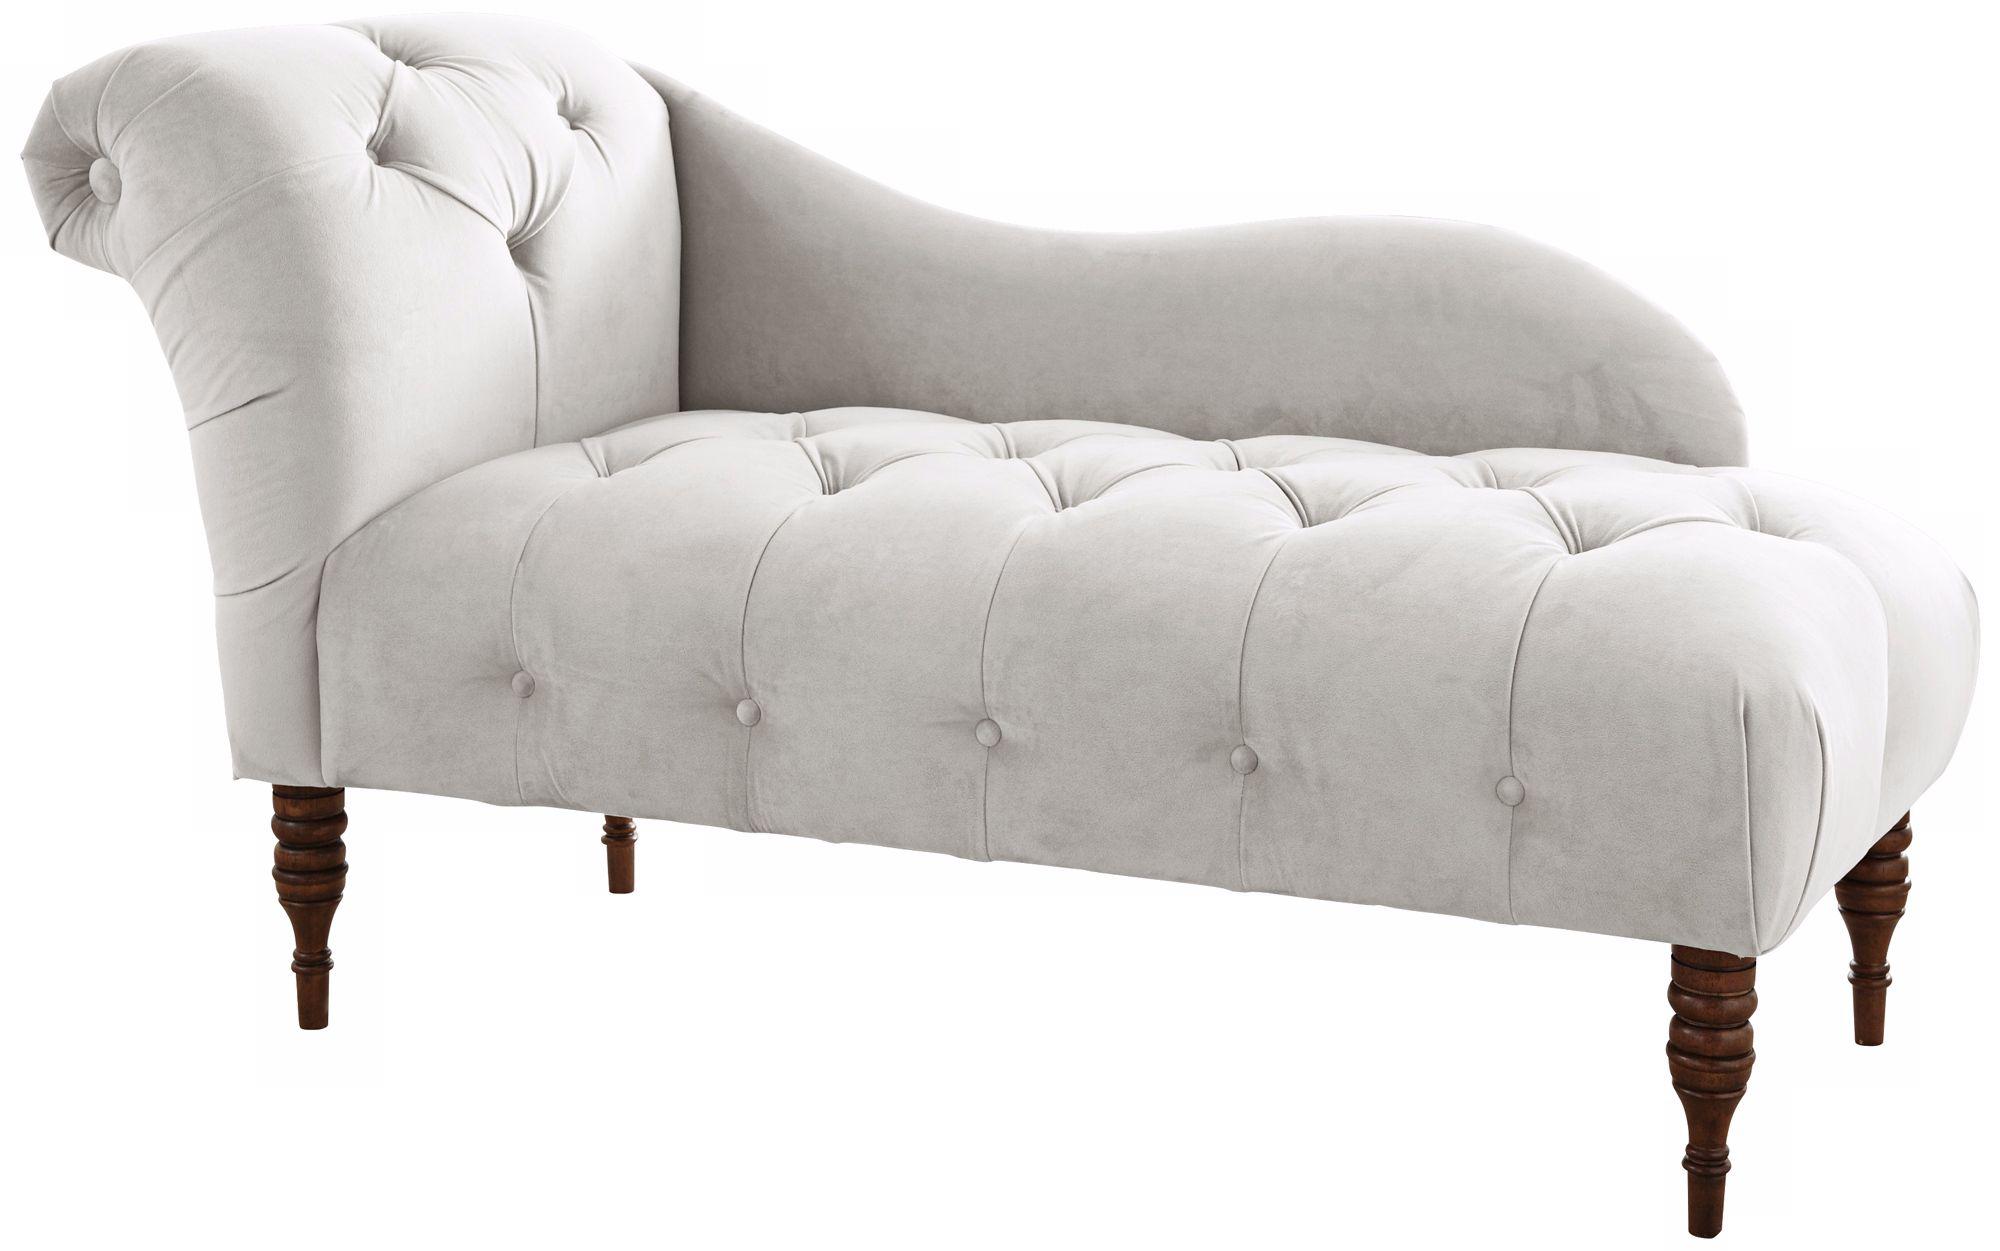 White Velvet Upholstered Chaise Lounge Chair